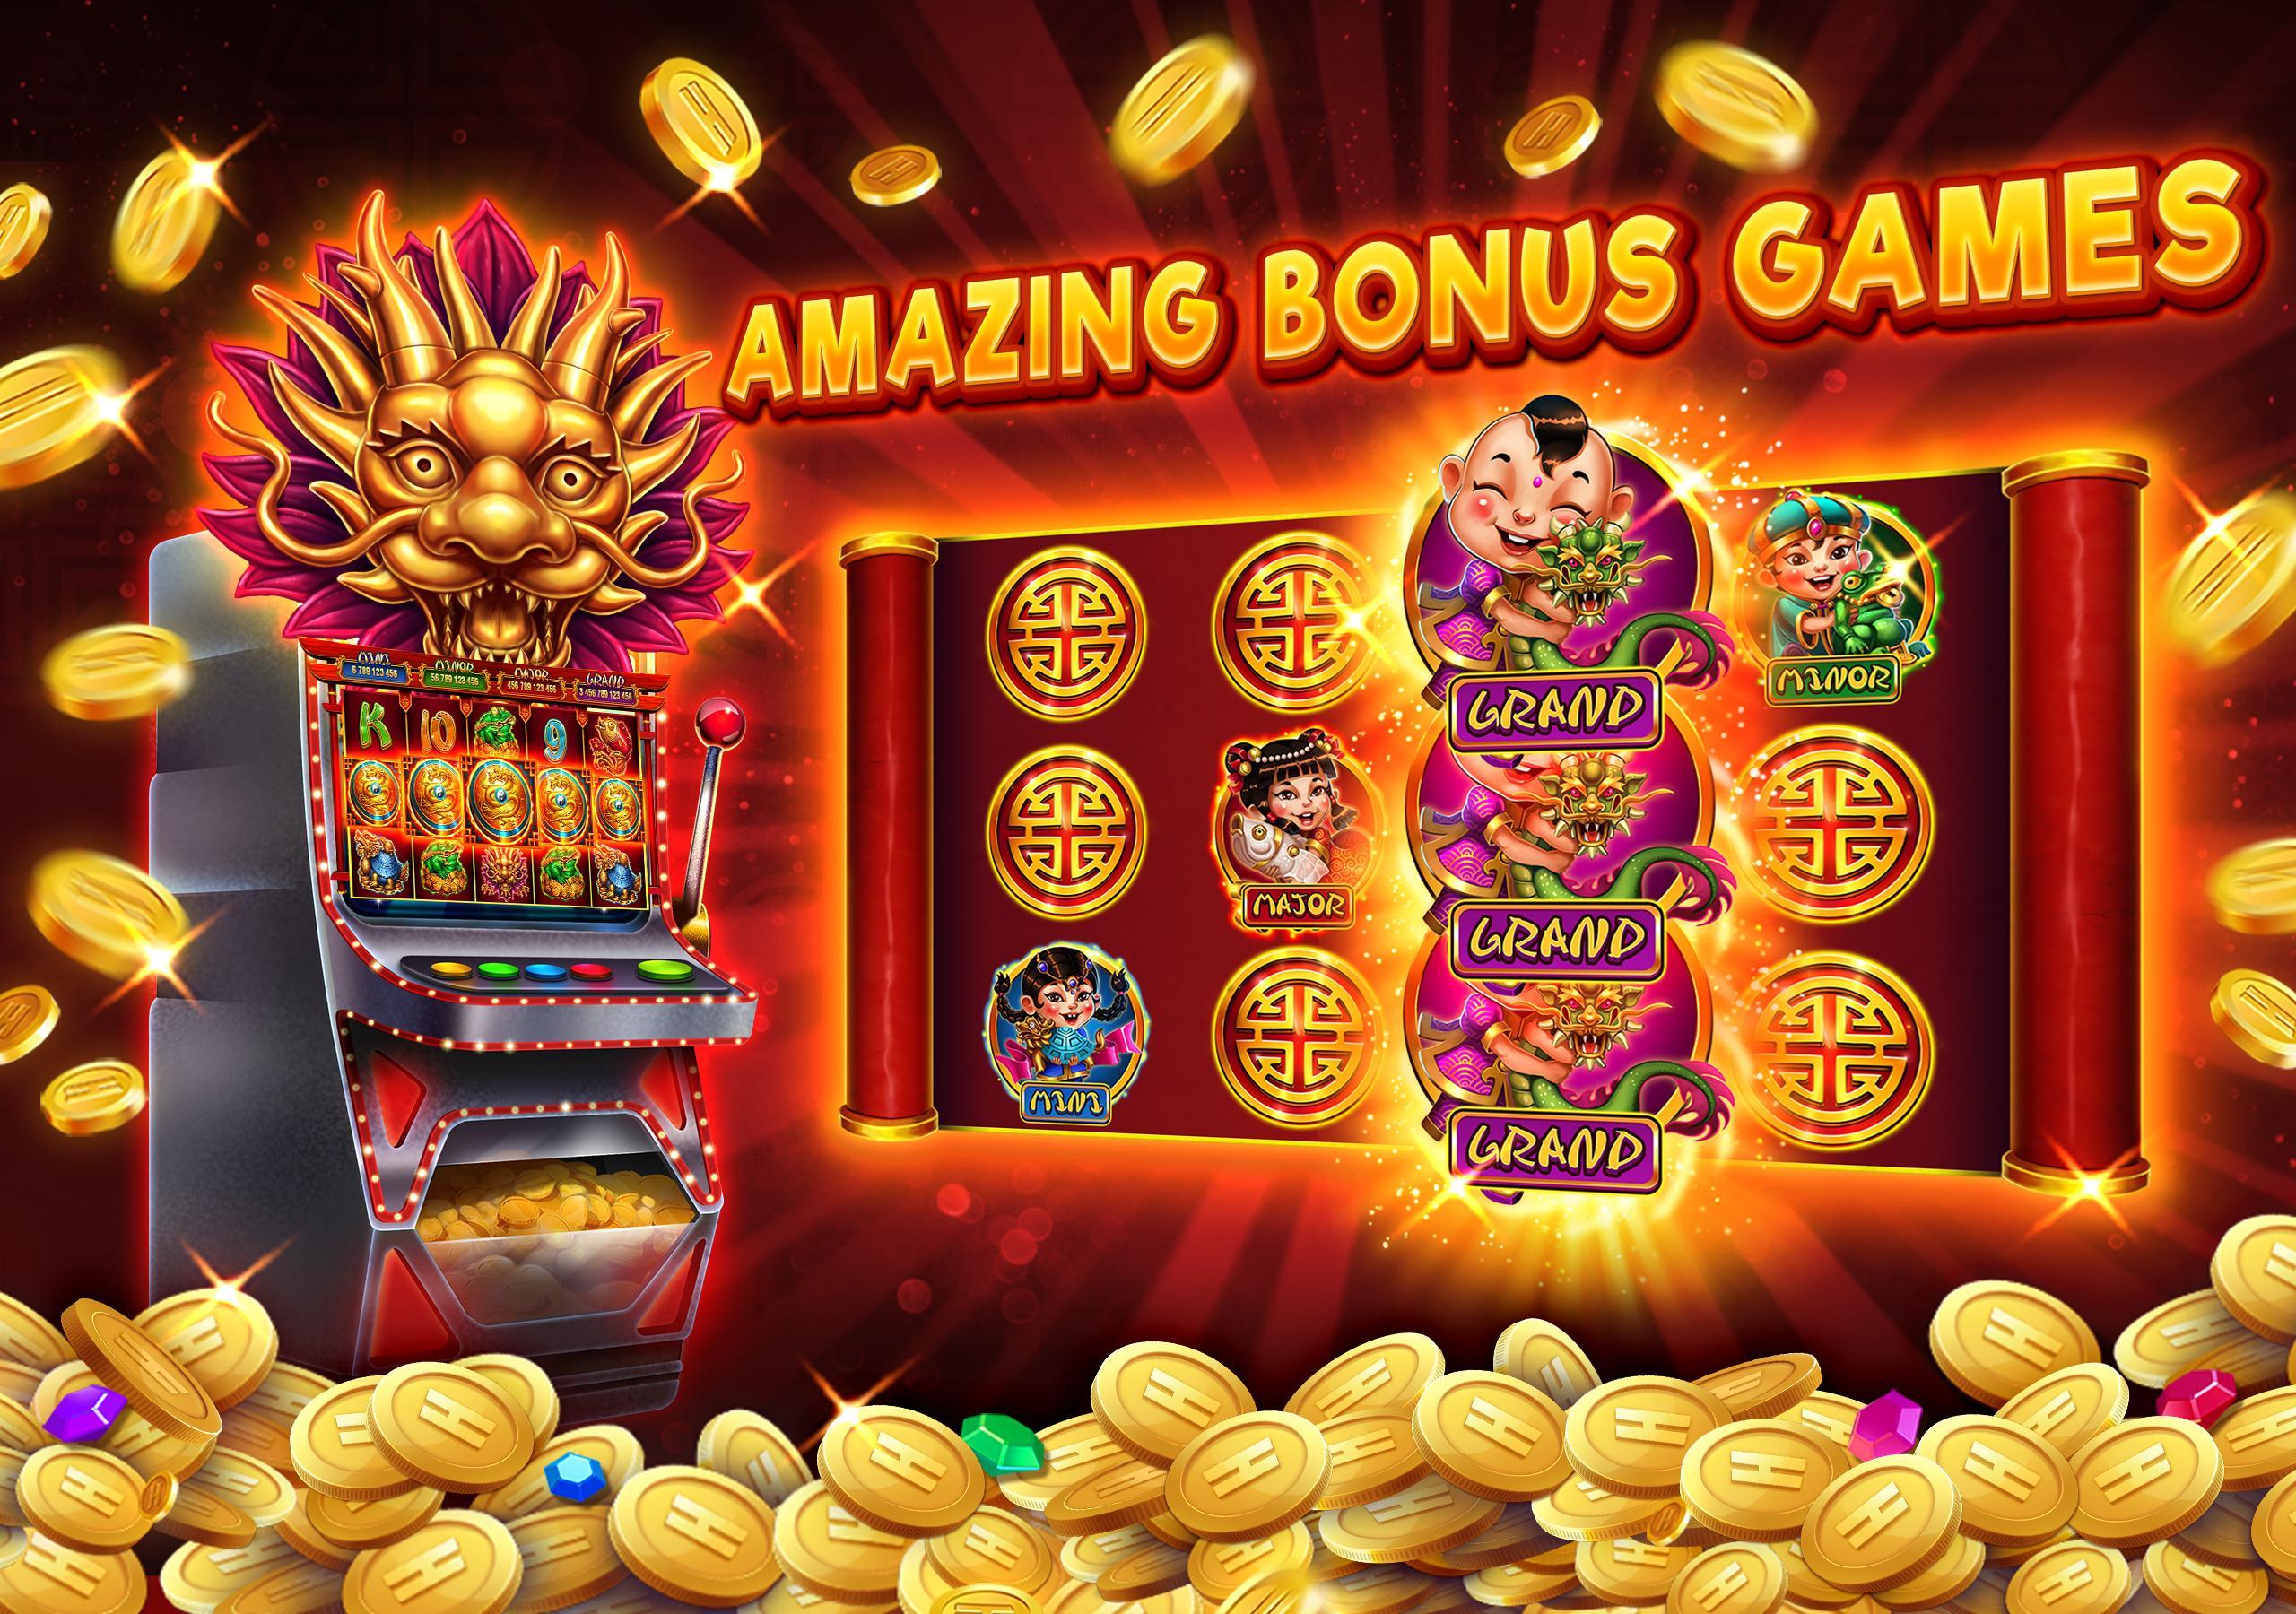 Huuuge Casino Slots - Best Slot Machines 6.1.2700 Screenshot 12